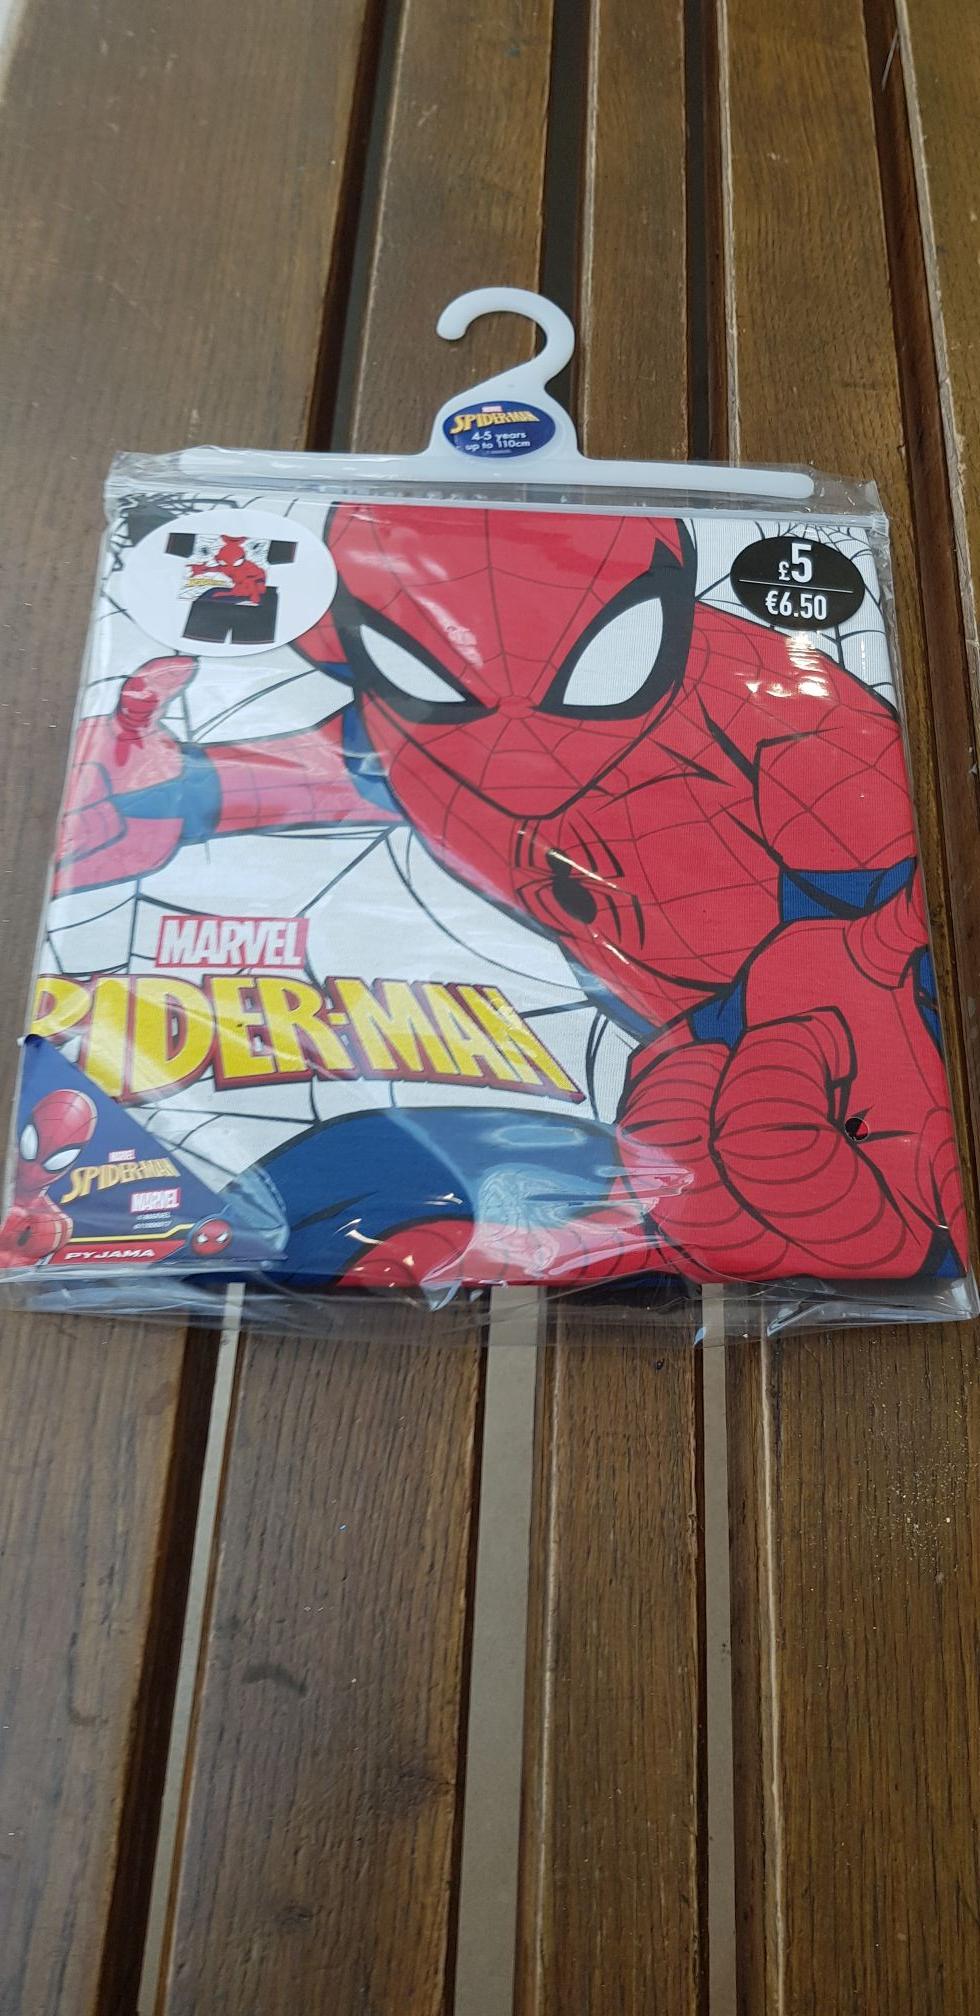 Spiderman Pyjamas Poundland - £3 instore